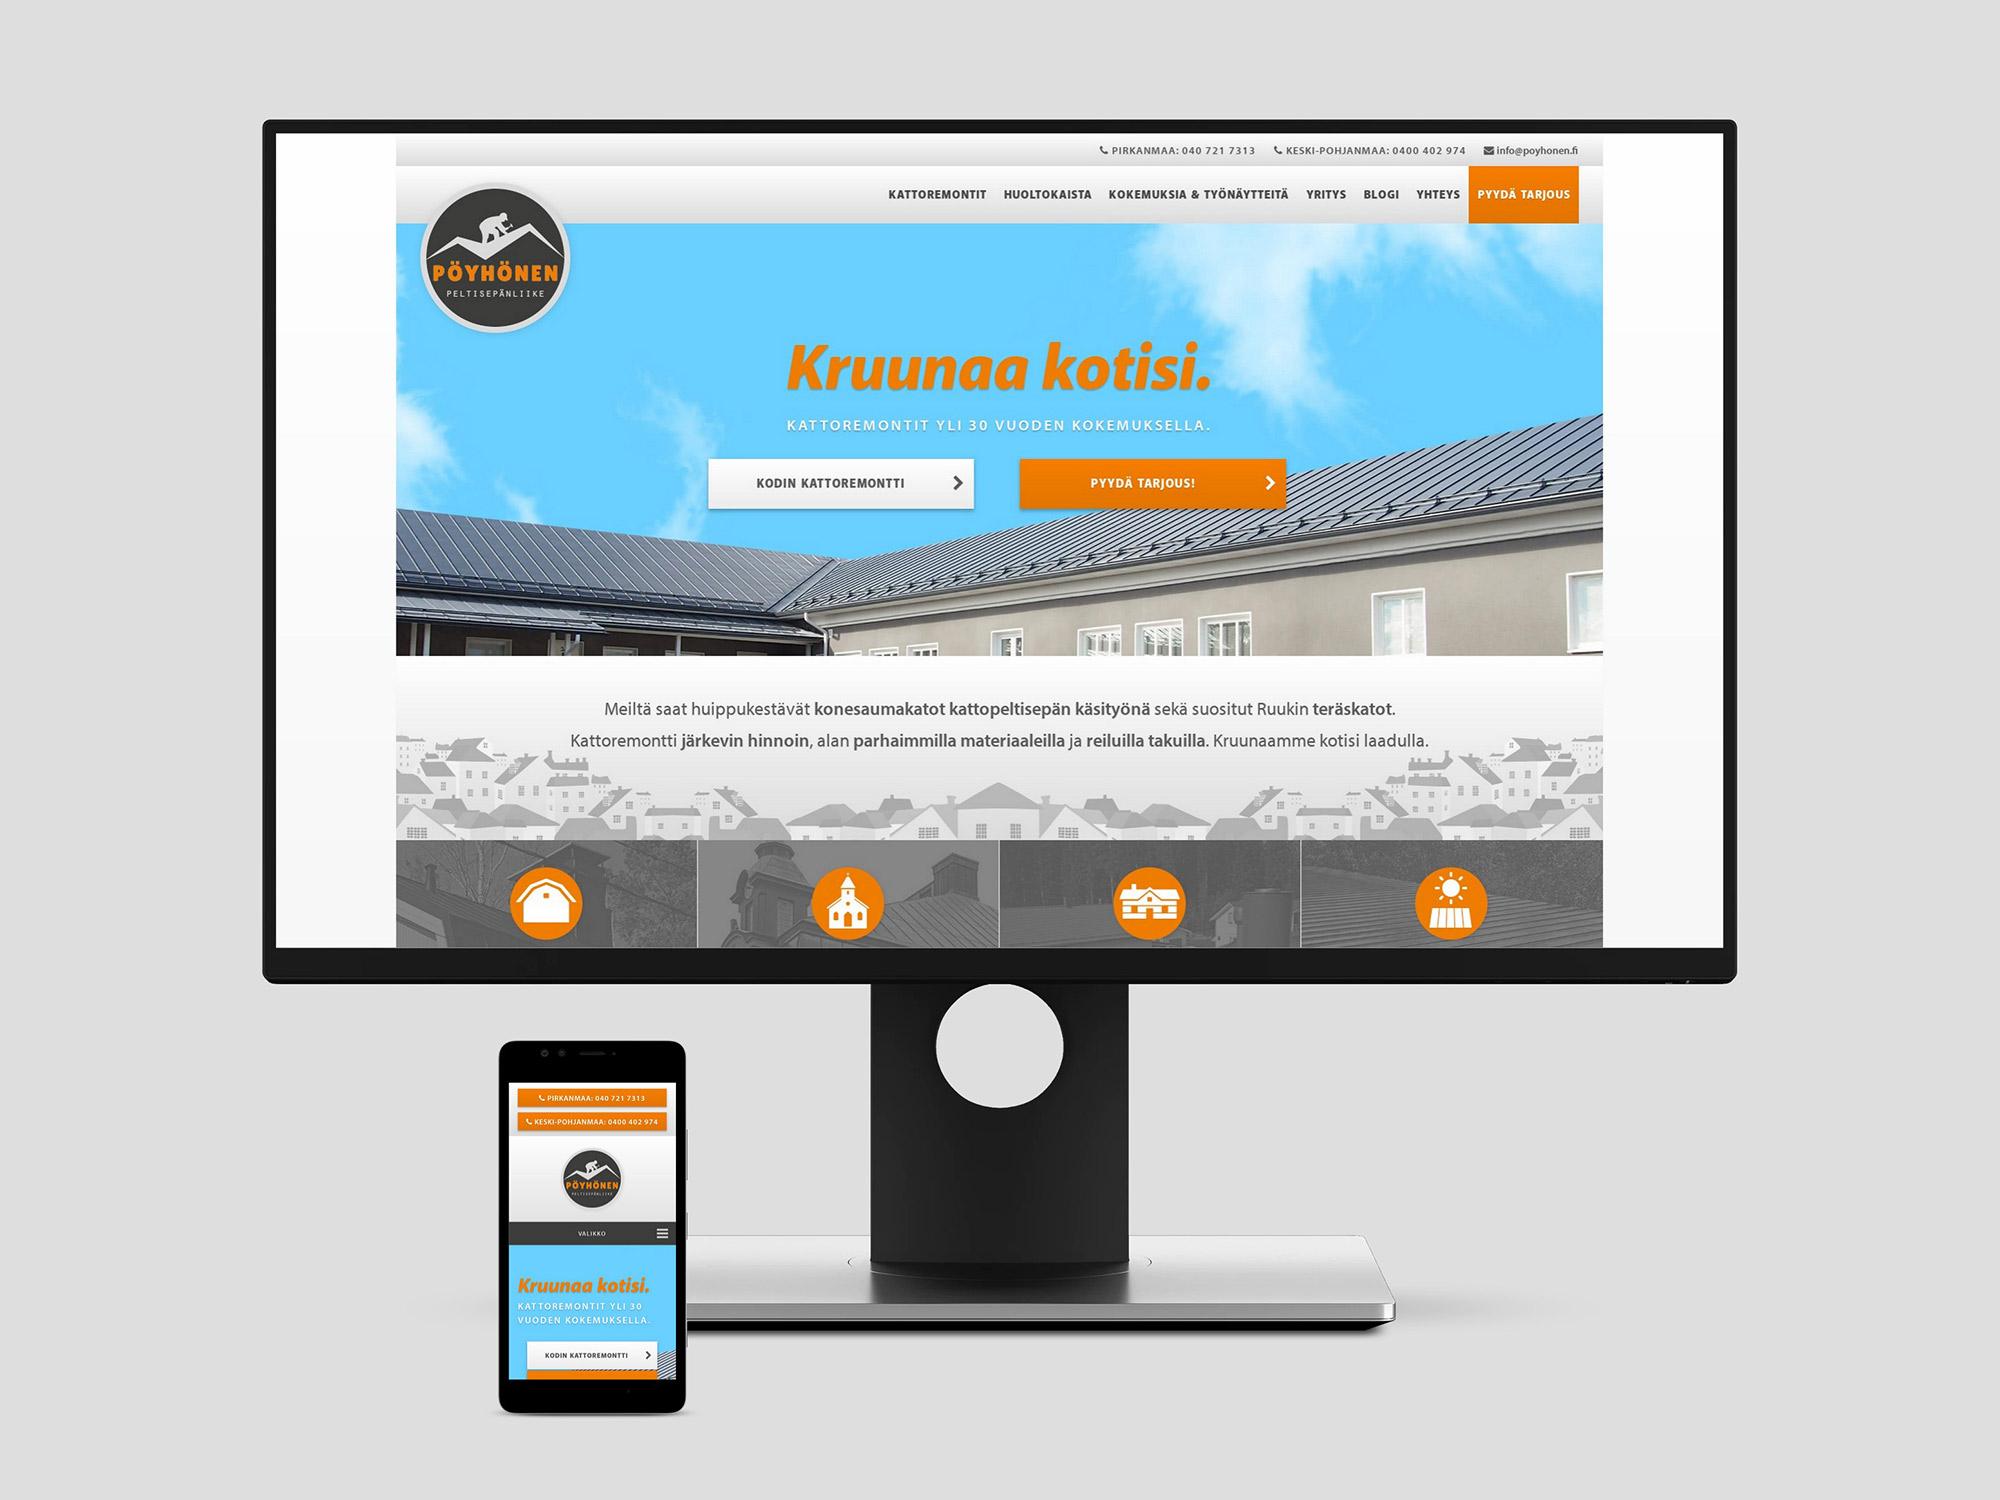 Nettisivut ja WordPress-blogi Peltisepänliike Pöyhöselle.